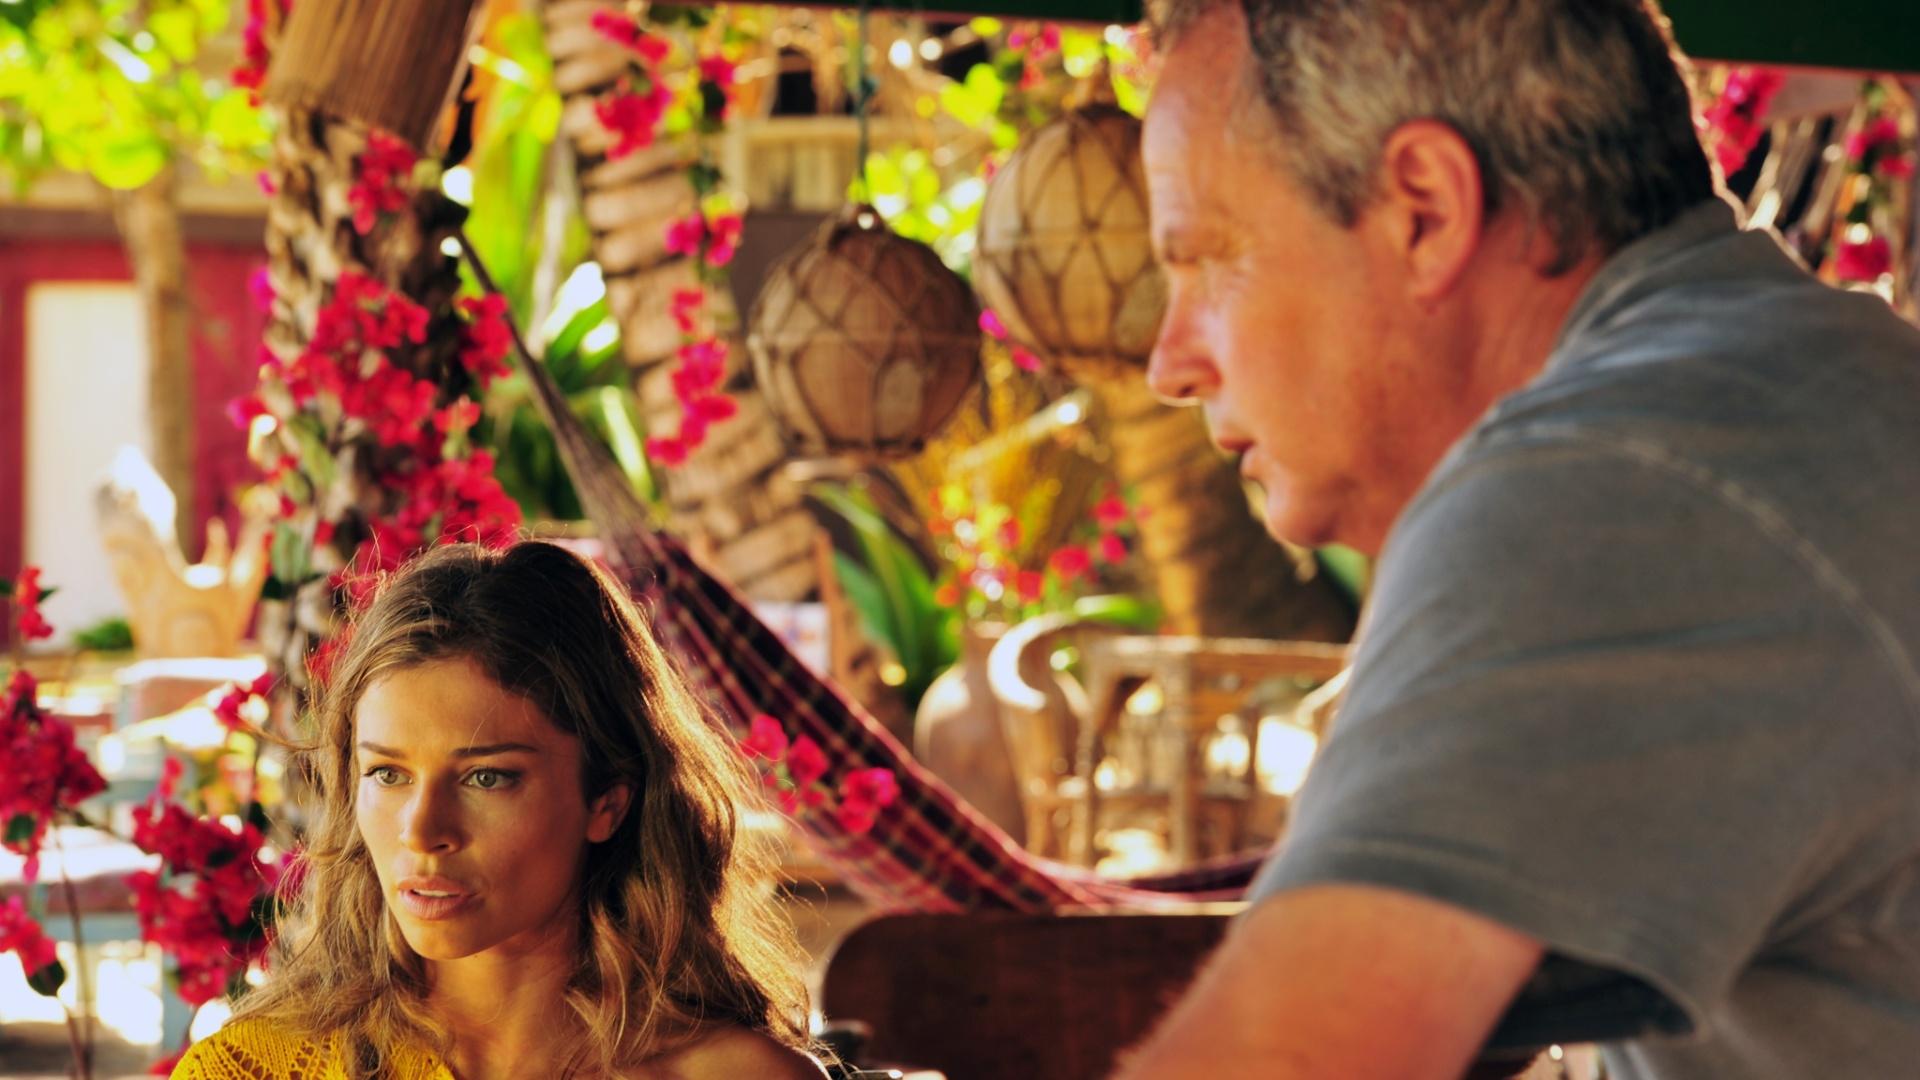 4.jan.2013 Grazi Massafera recebe orientações do diretor Jayme Monjardim durante as gravações de